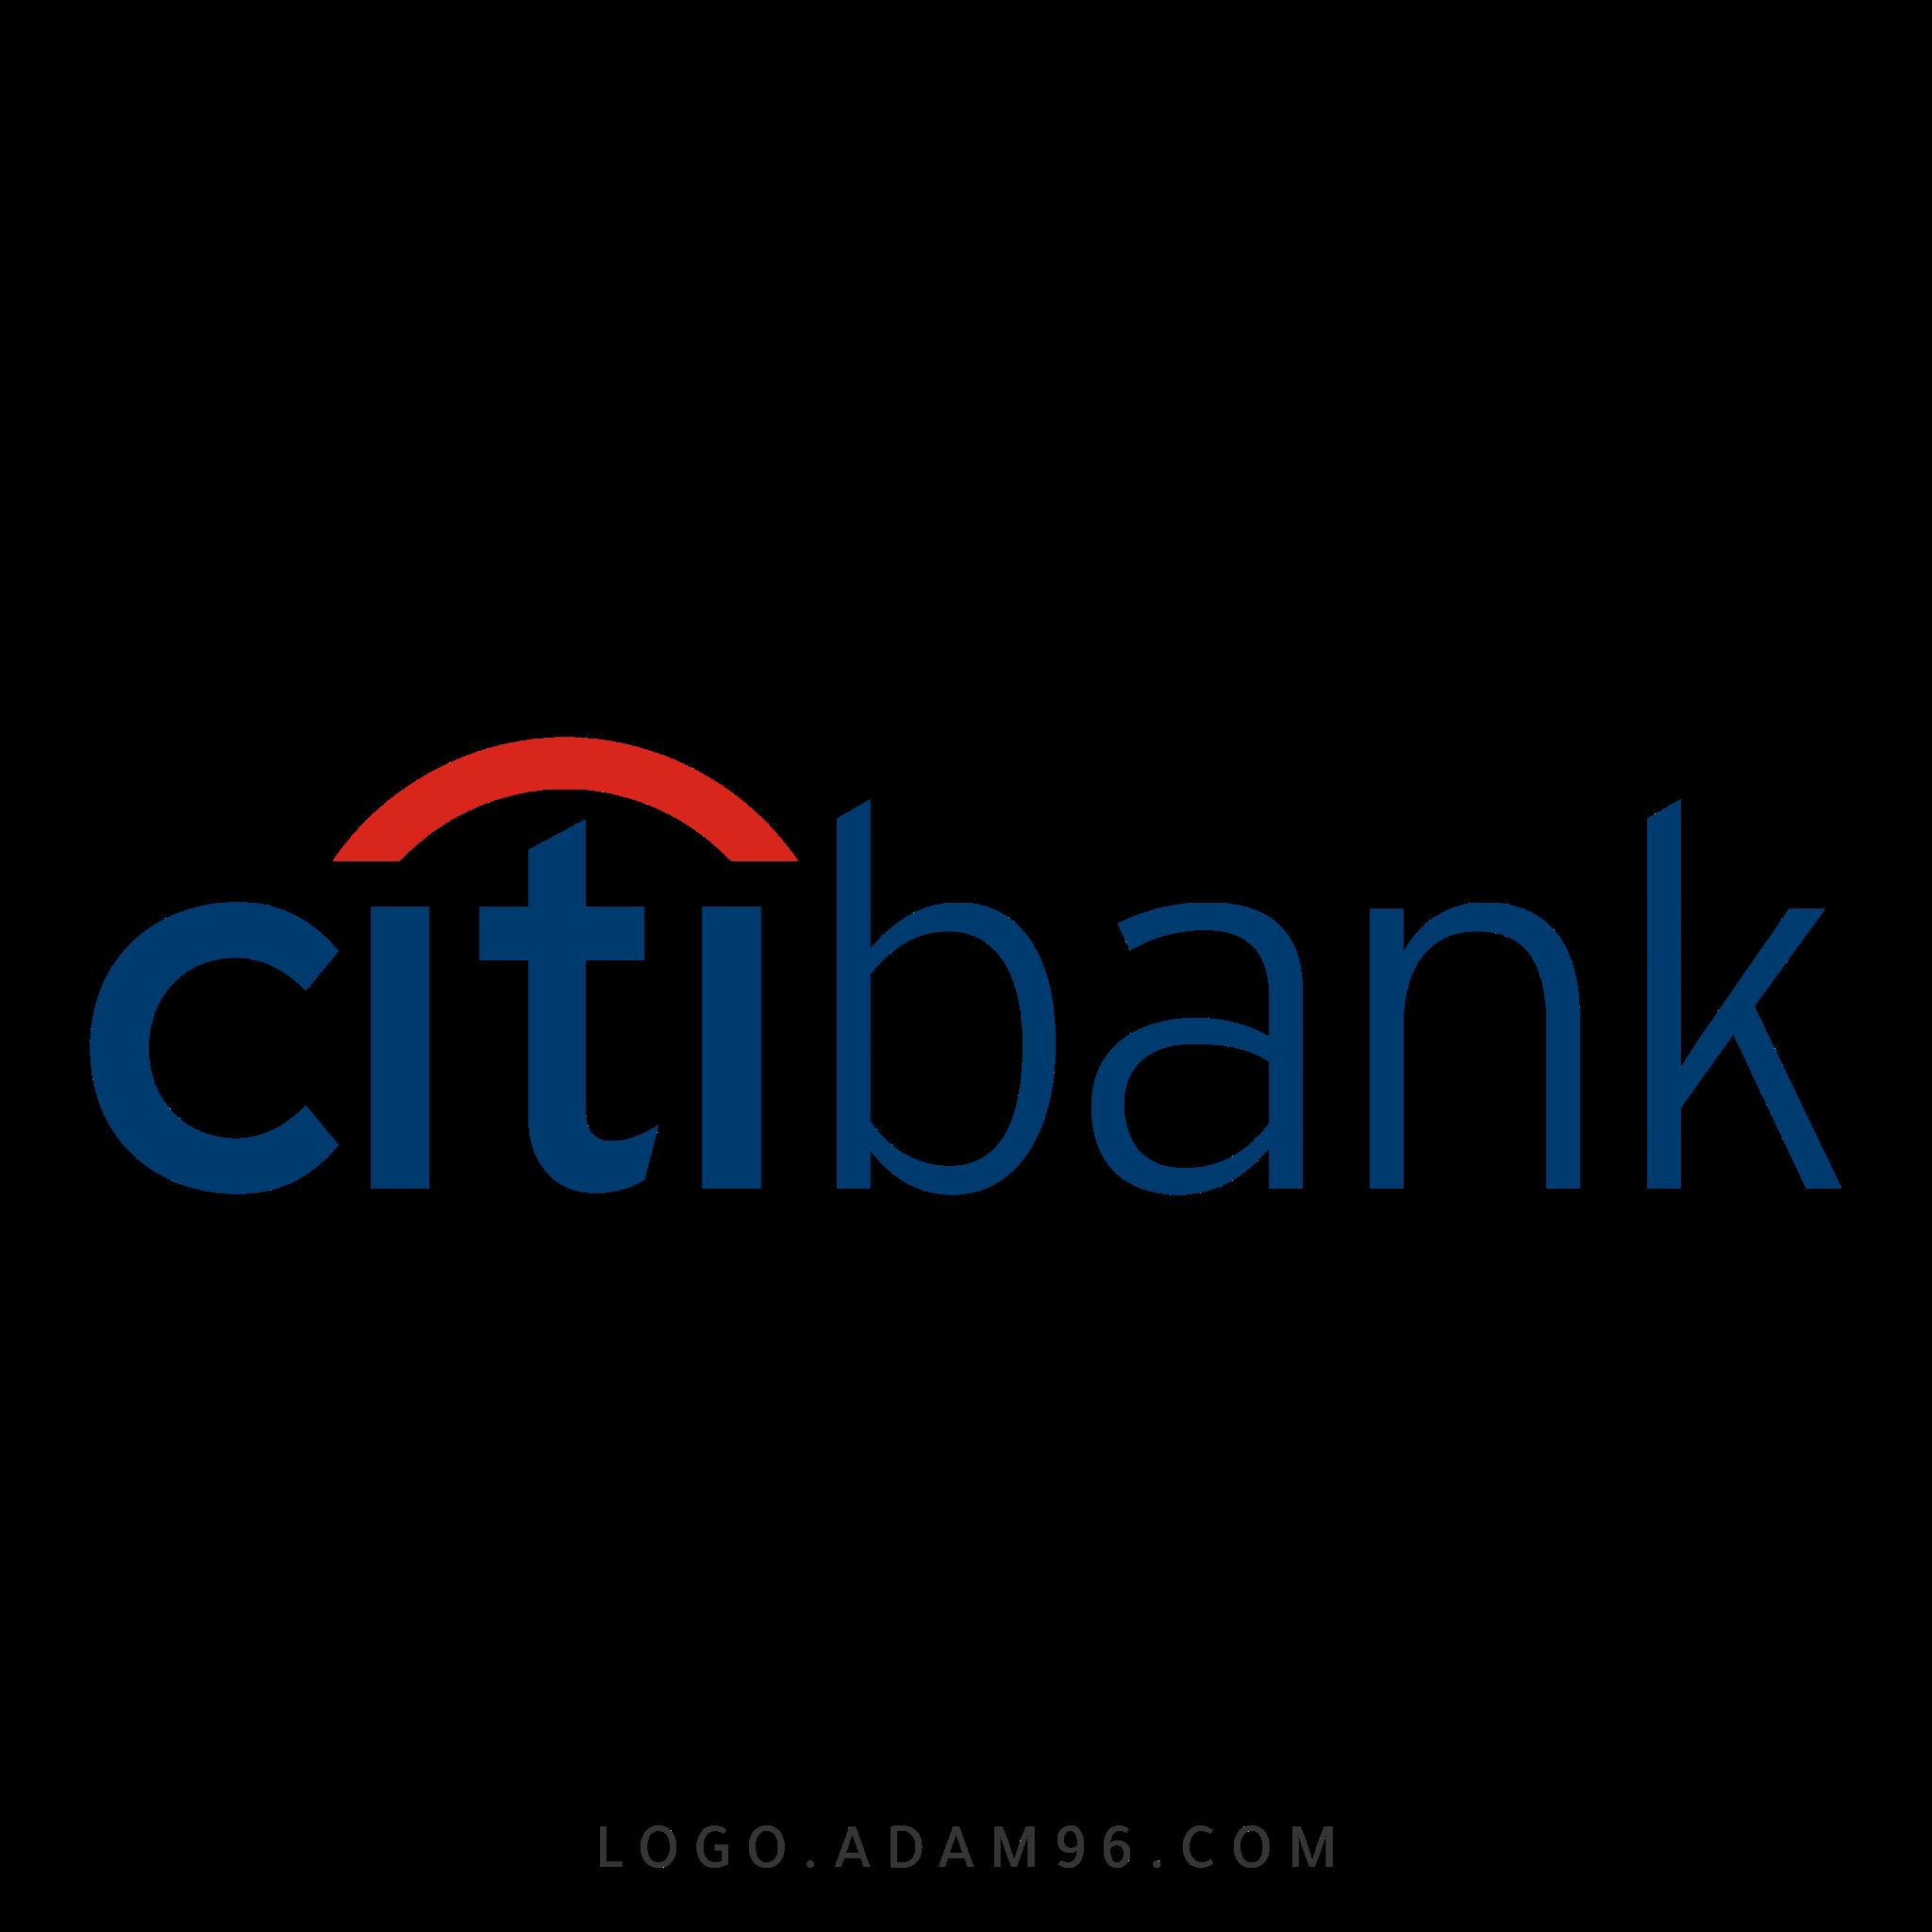 تحميل شعار سيتي بنك العالمي لوجو رسمي عالي الدقة Logo Citibank PNG